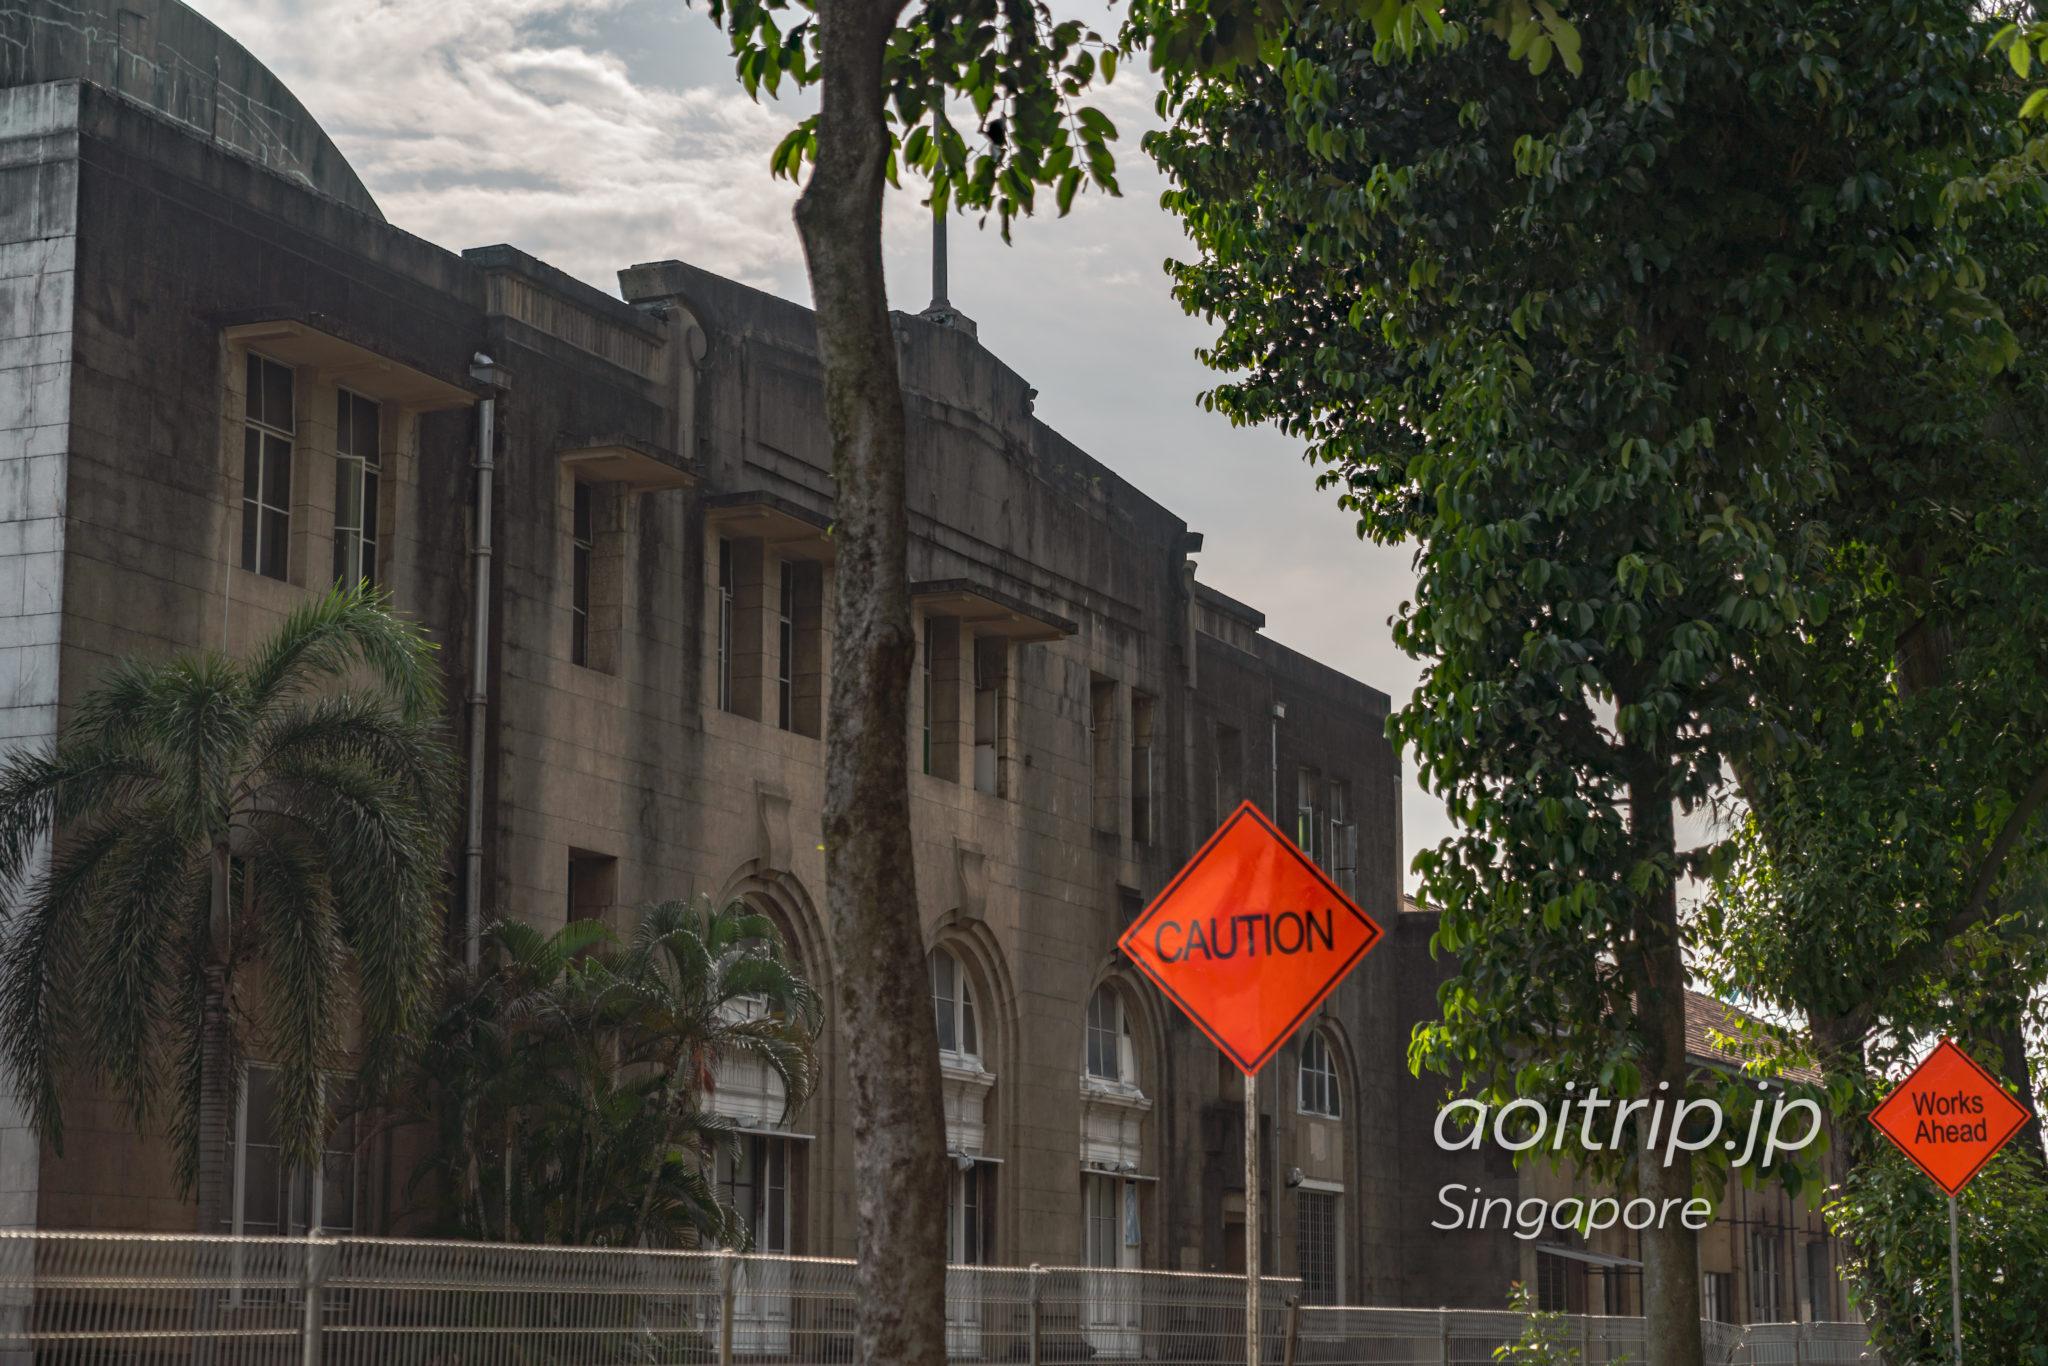 マレー鉄道の廃駅 シンガポールのタンジョンパガー駅(Tanjong Pagar Railway Station)